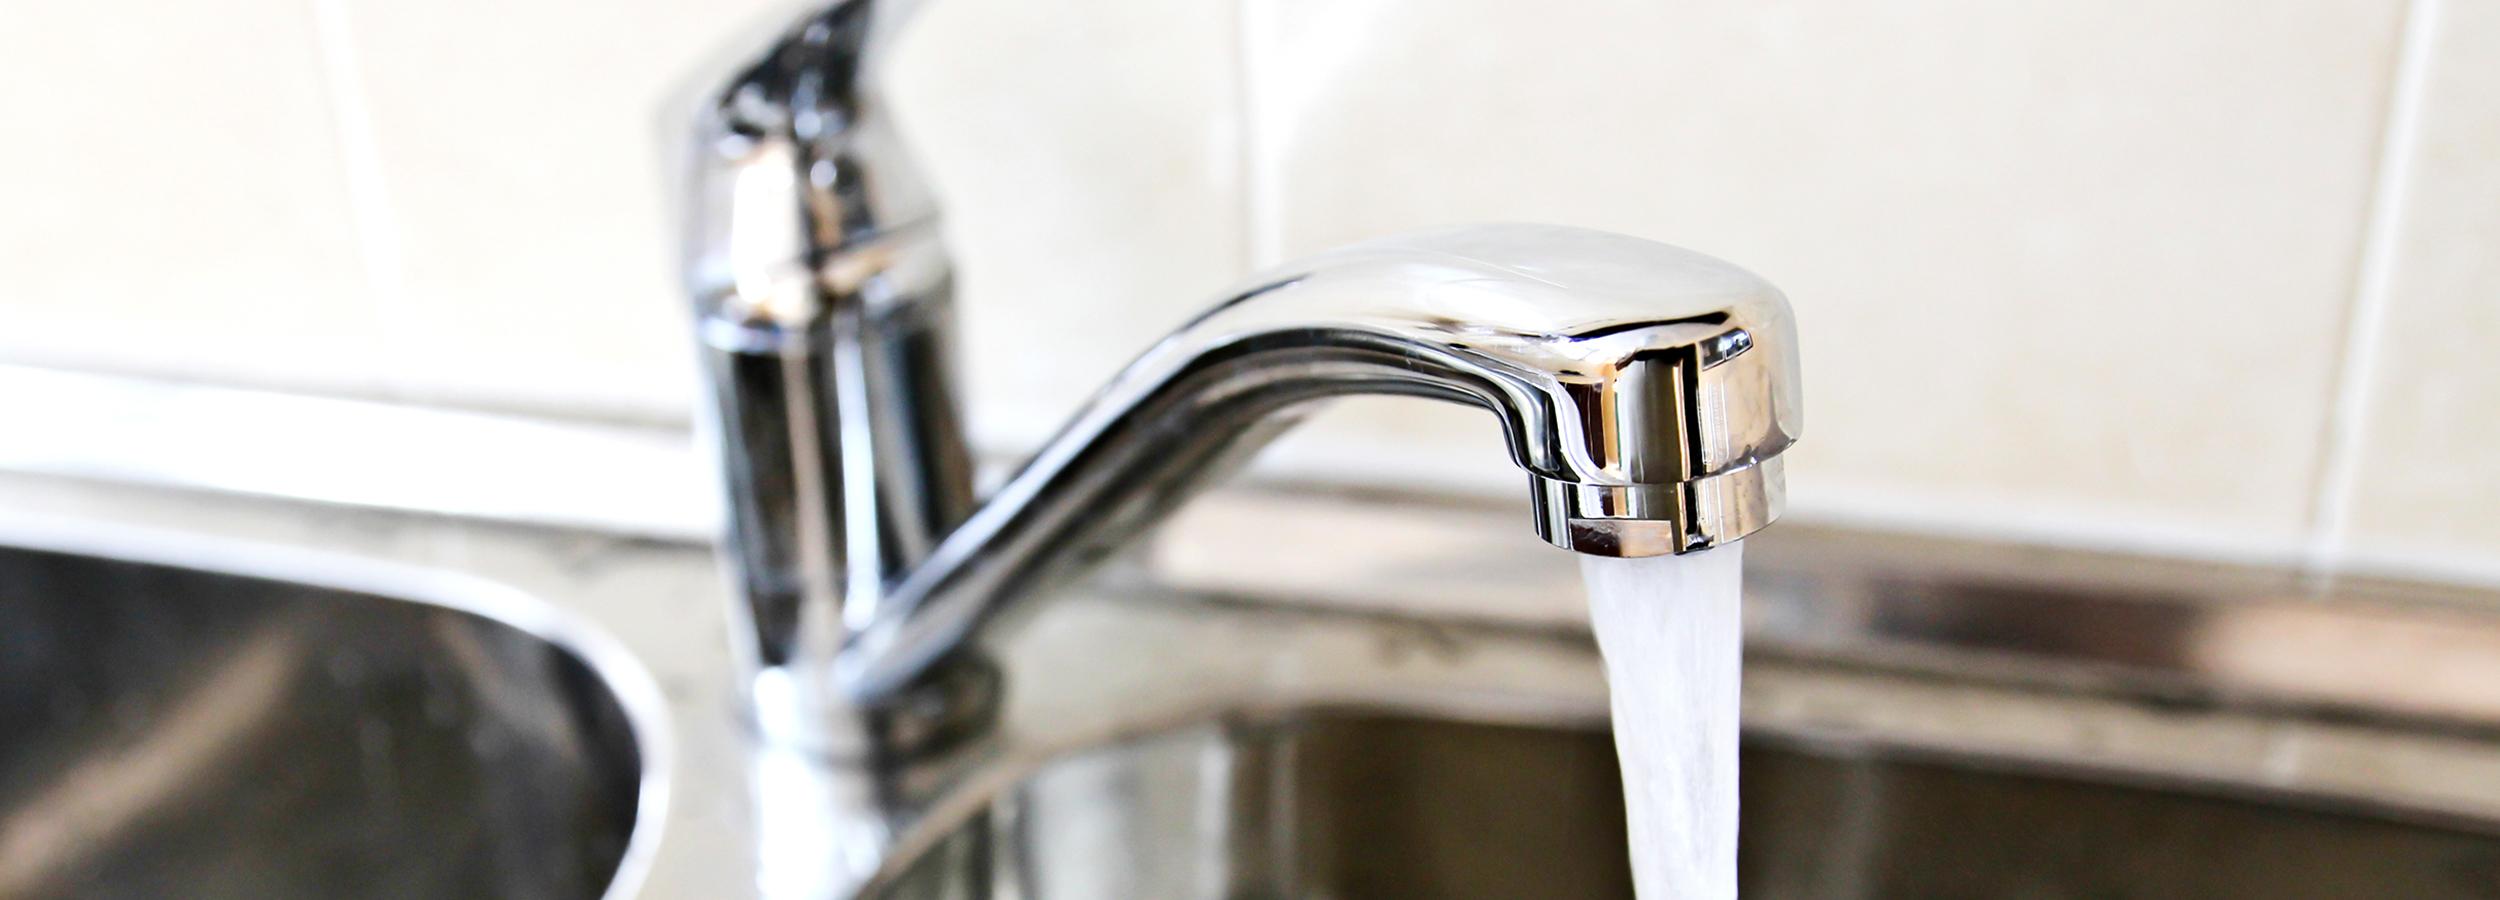 DN kræver straks-undersøgelse efter massivt giftfund i grundvandet